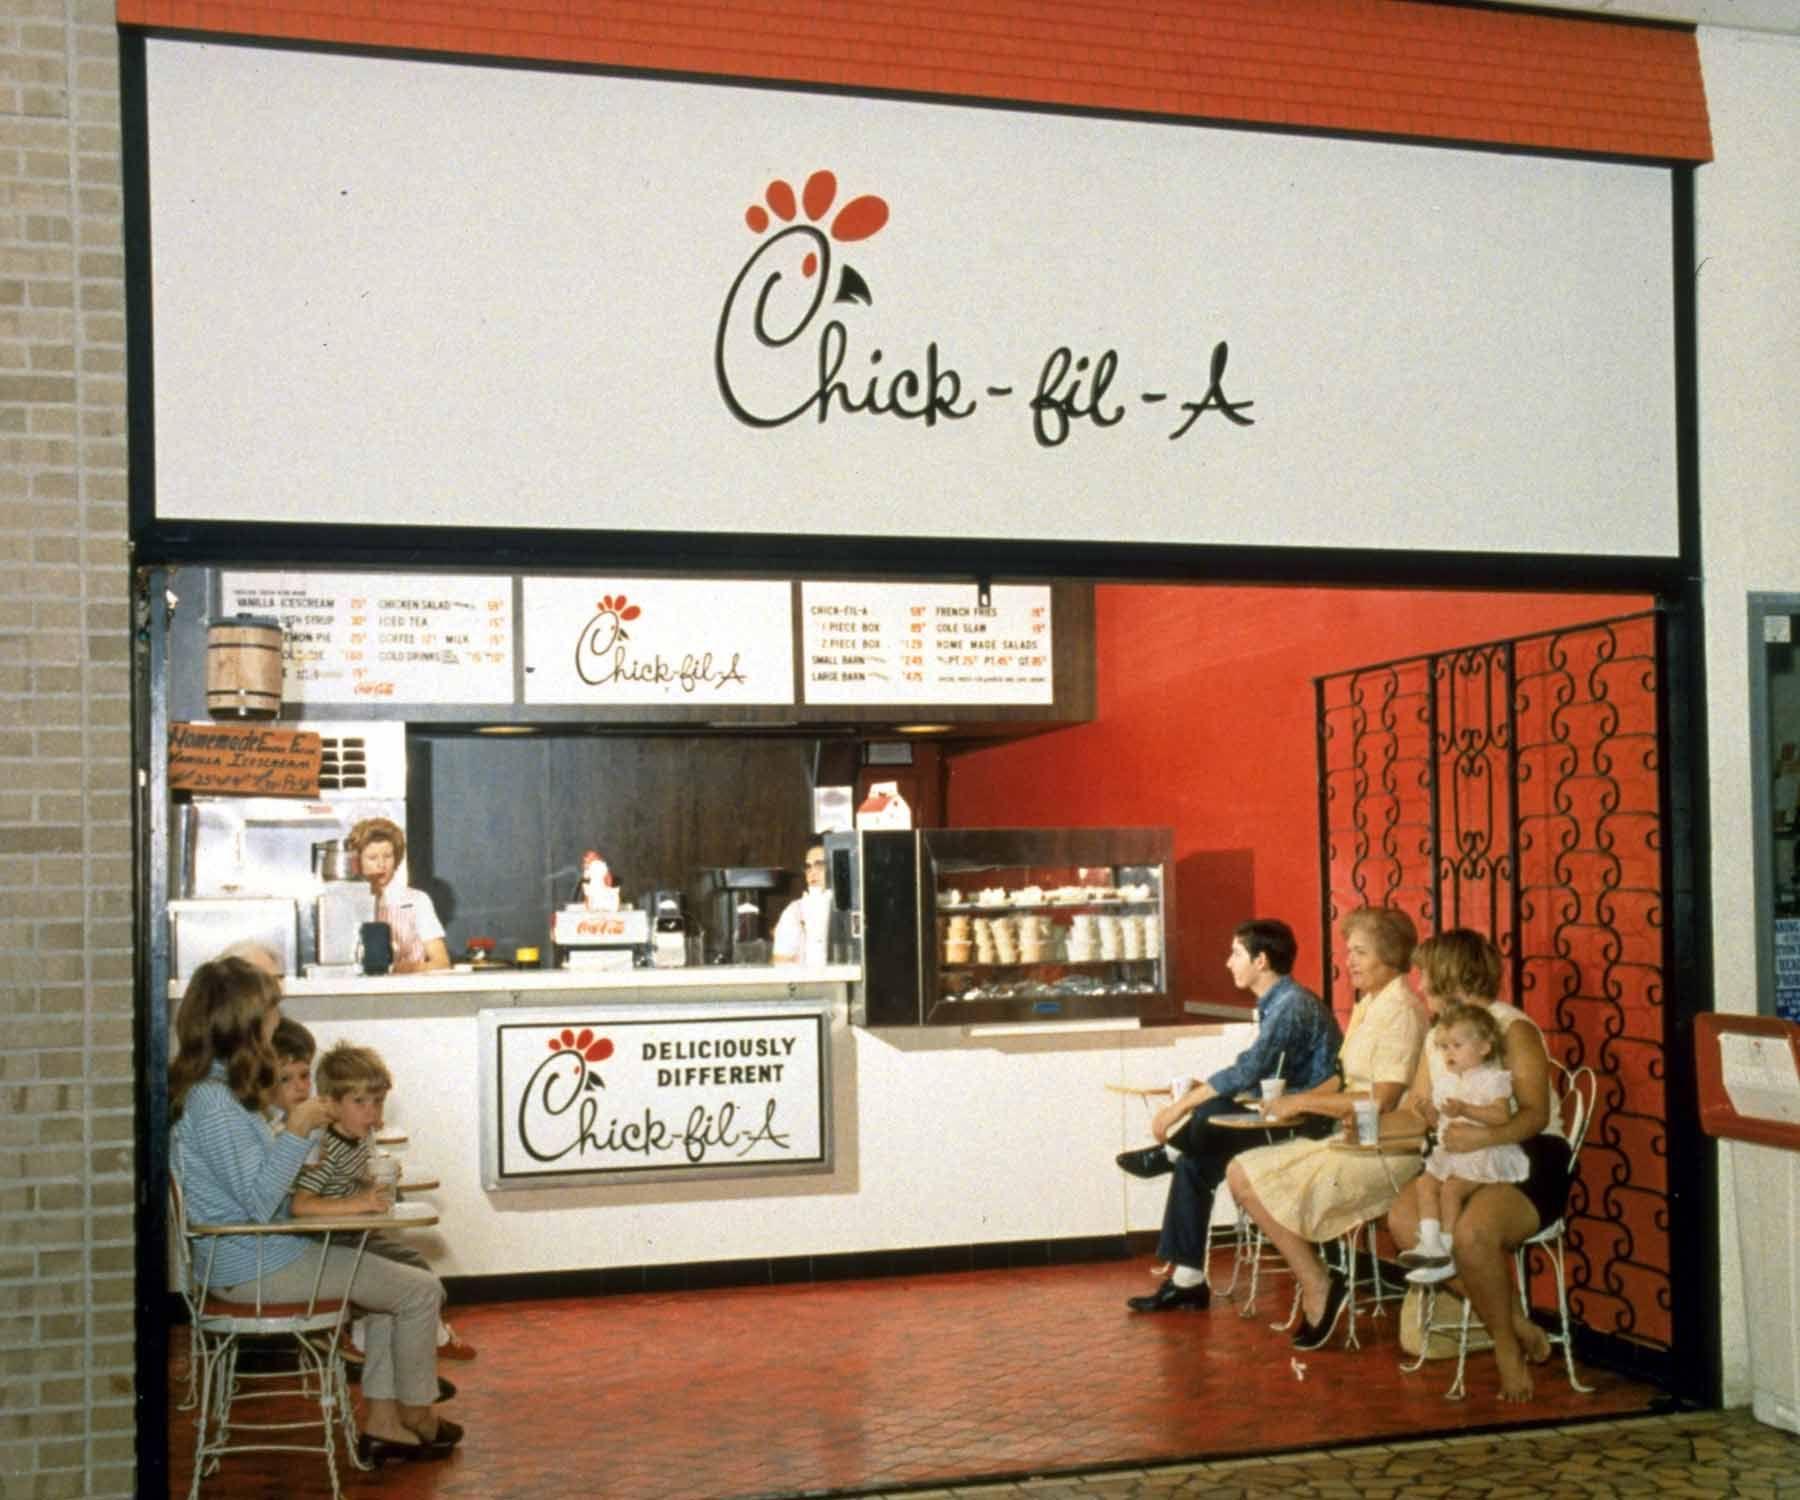 Chick-fil a Greenbriar Mall